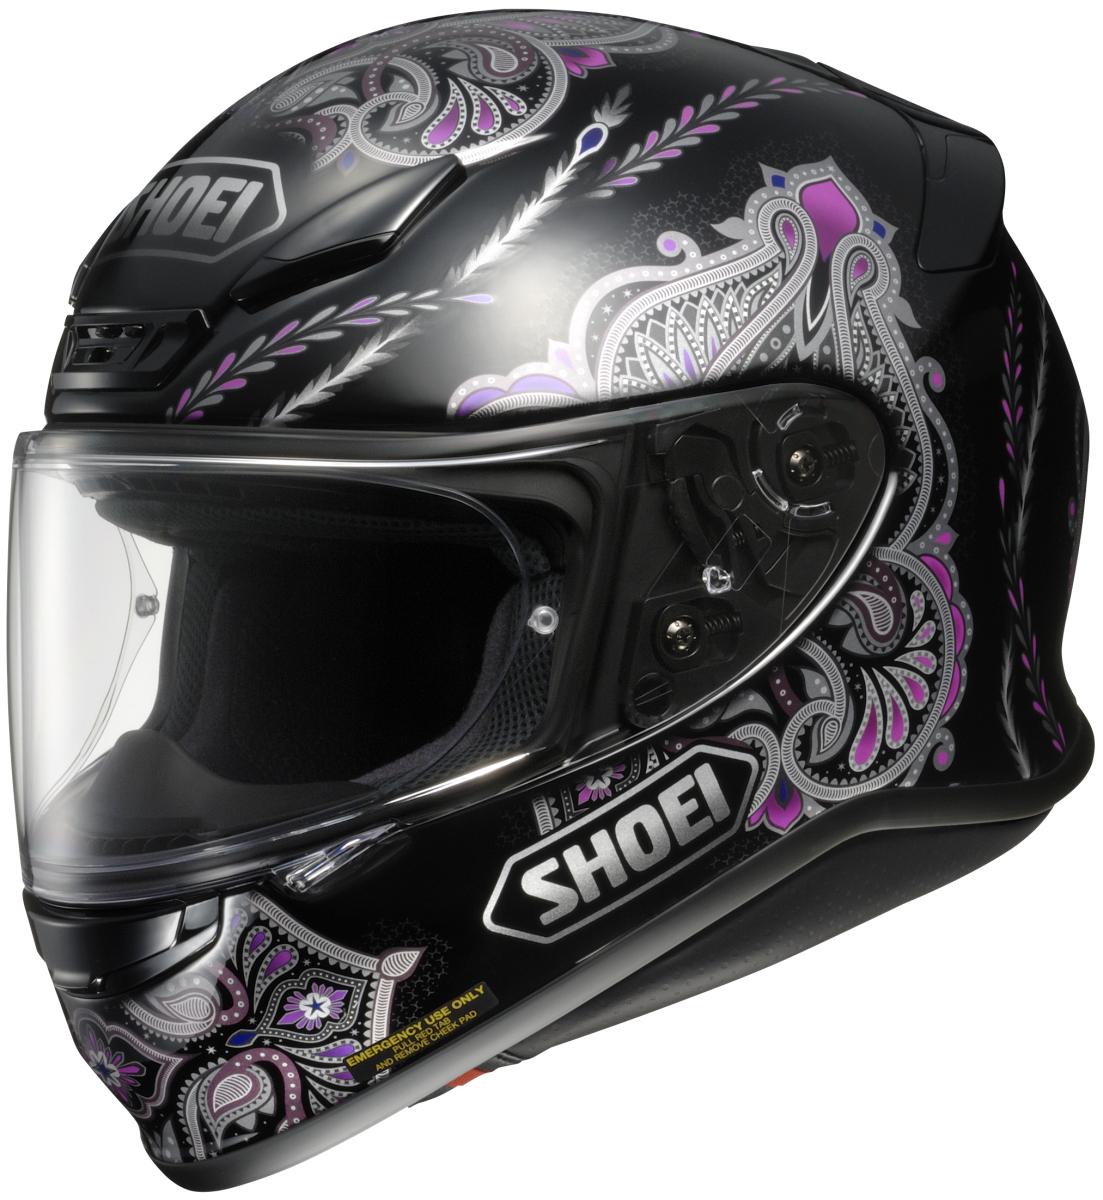 RF1200 DUCHESS-Shoei